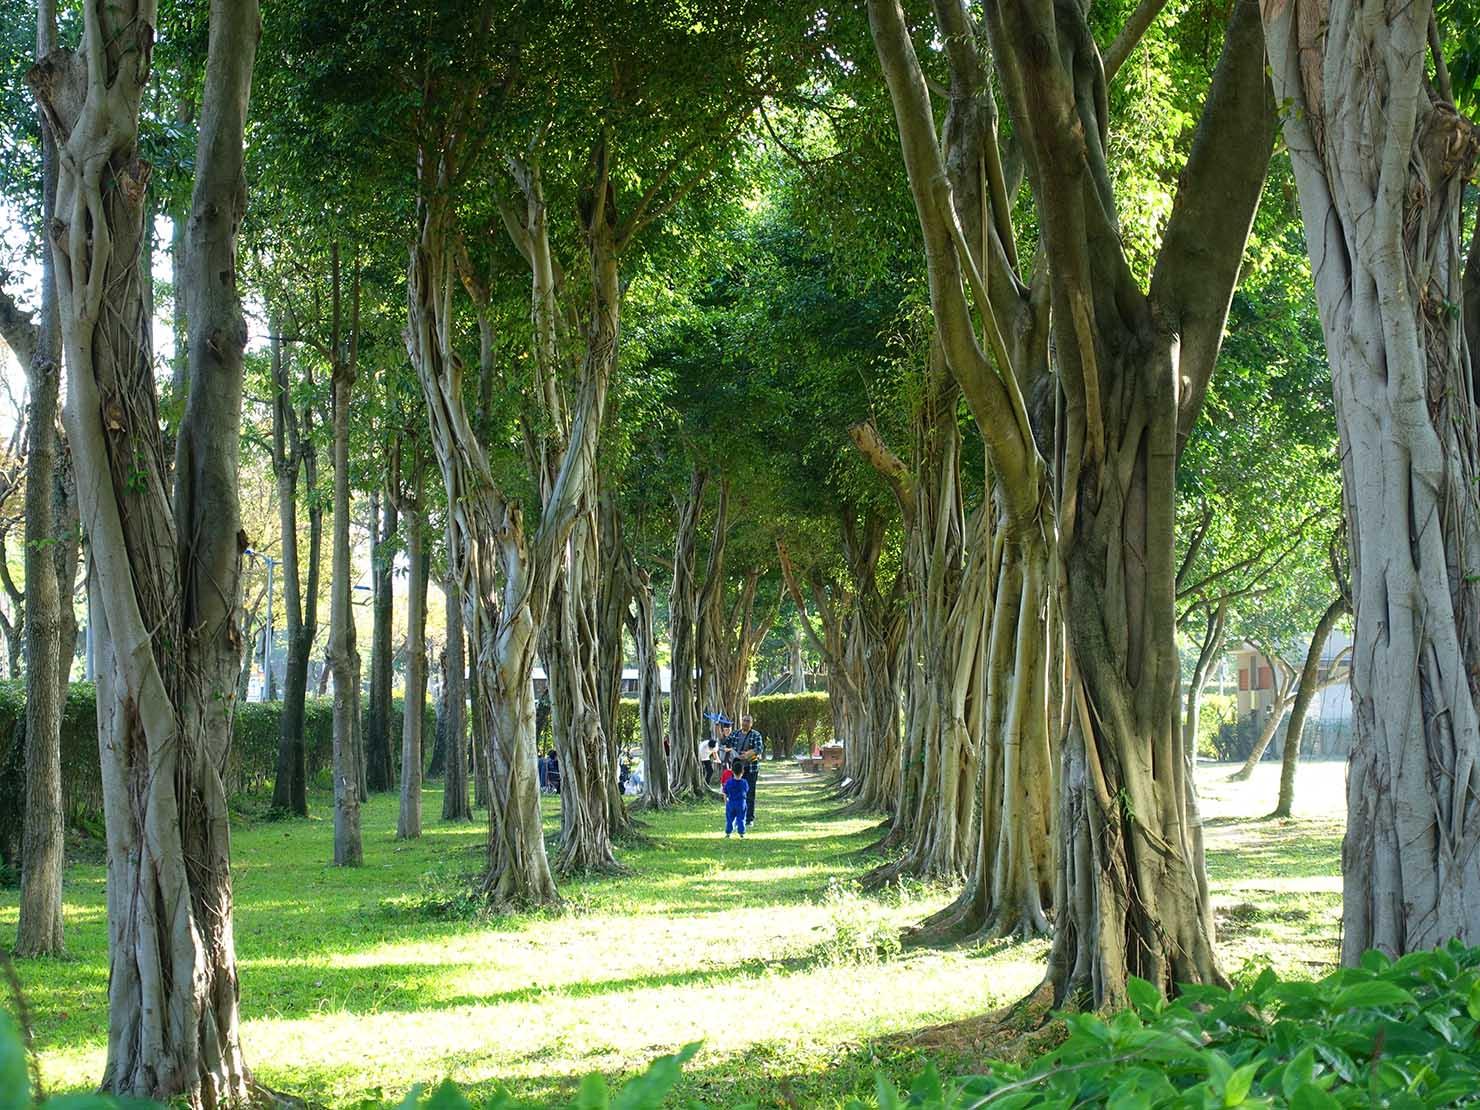 台北・大安森林公園の木々